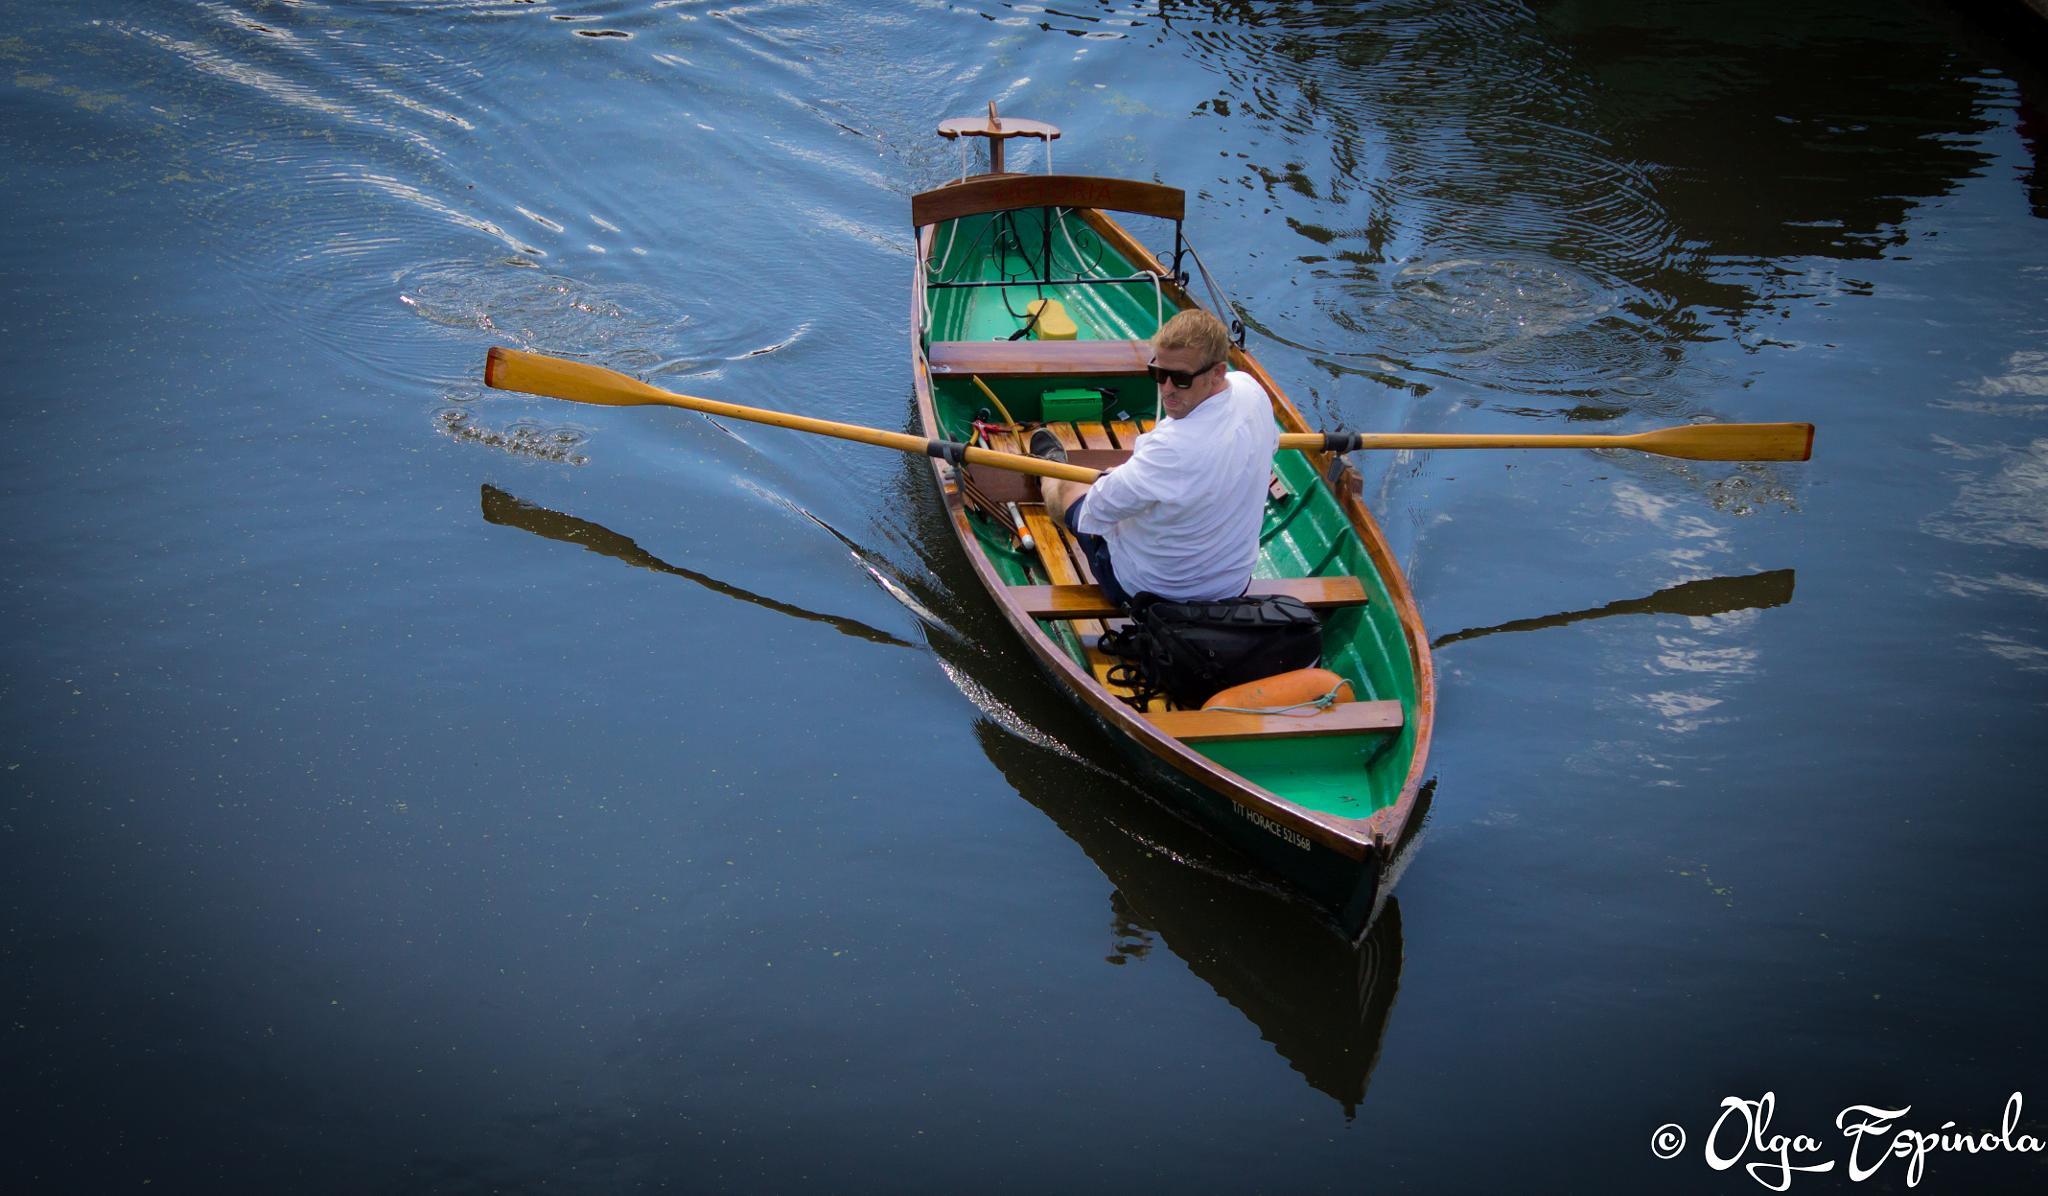 Paseo en el canal by Olga Espinola Sanchez